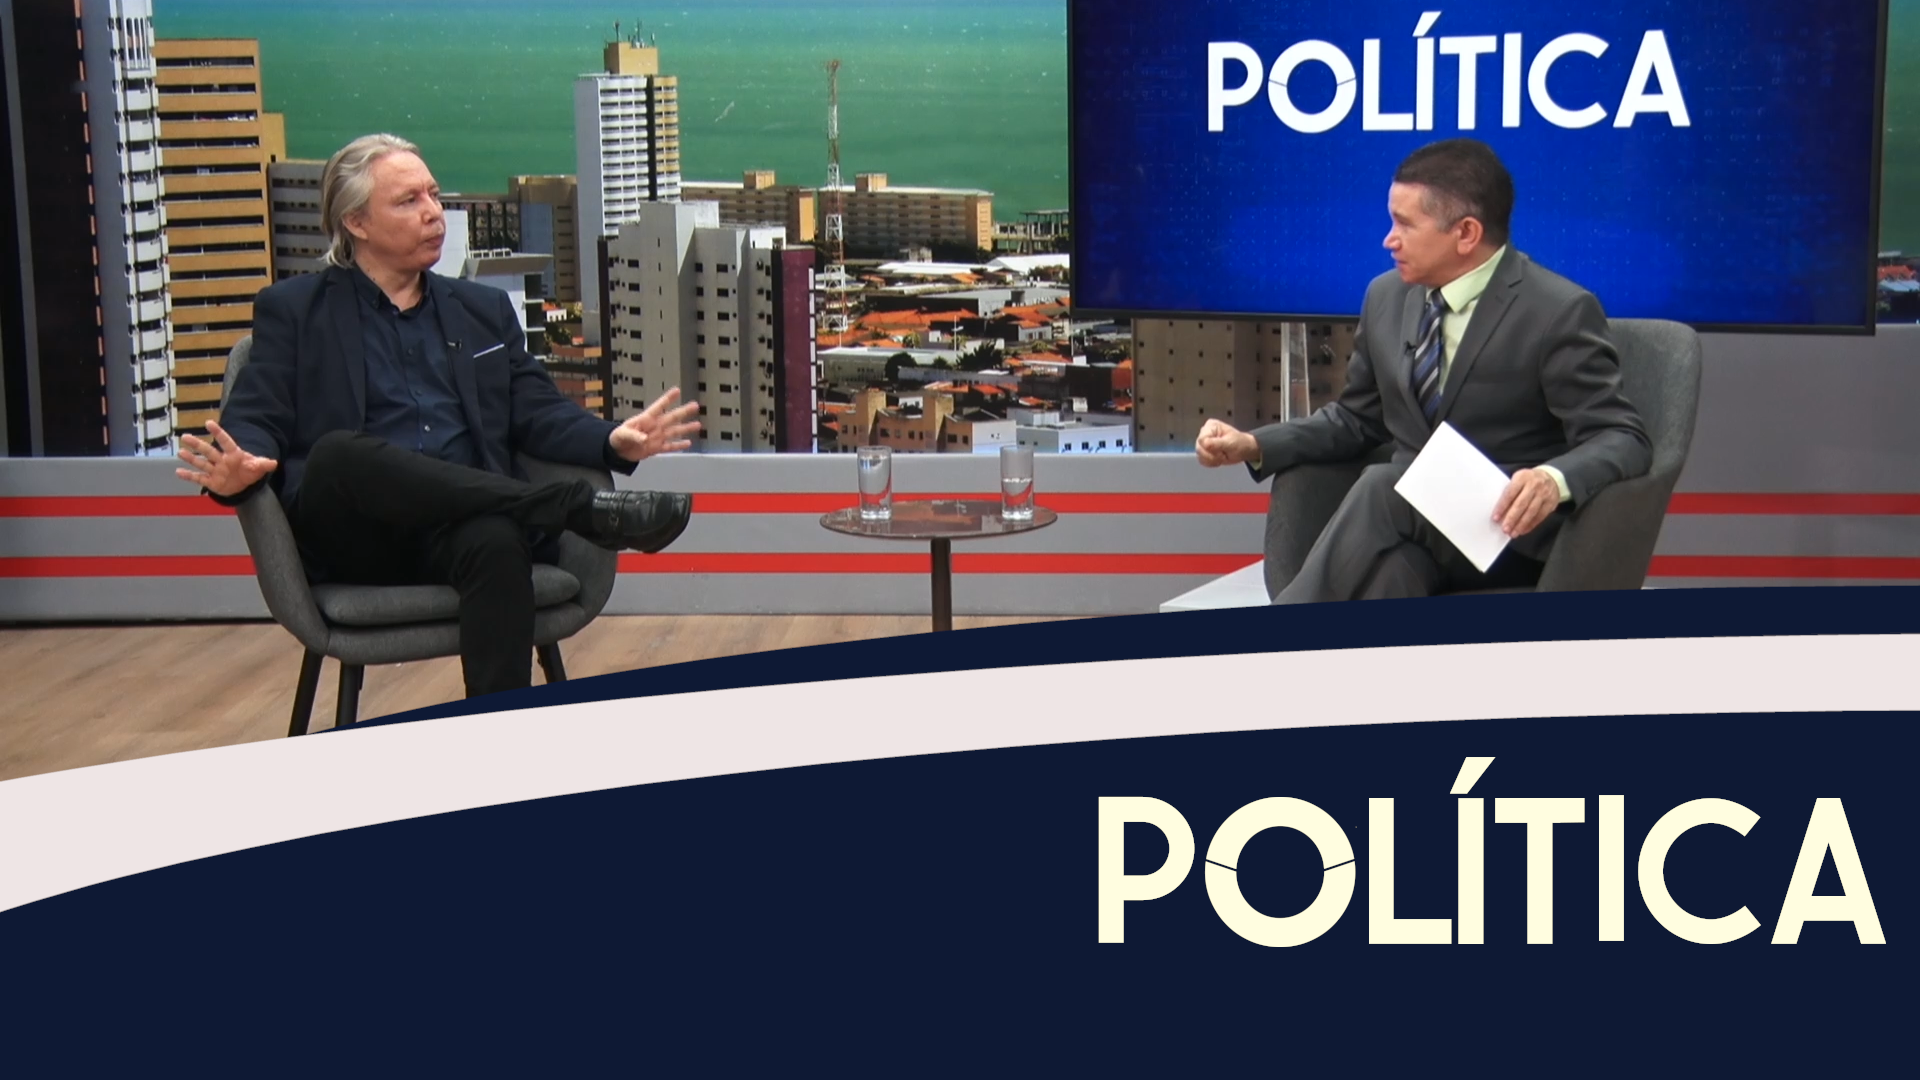 Política entrevista, Luiz Claudio, consultor político